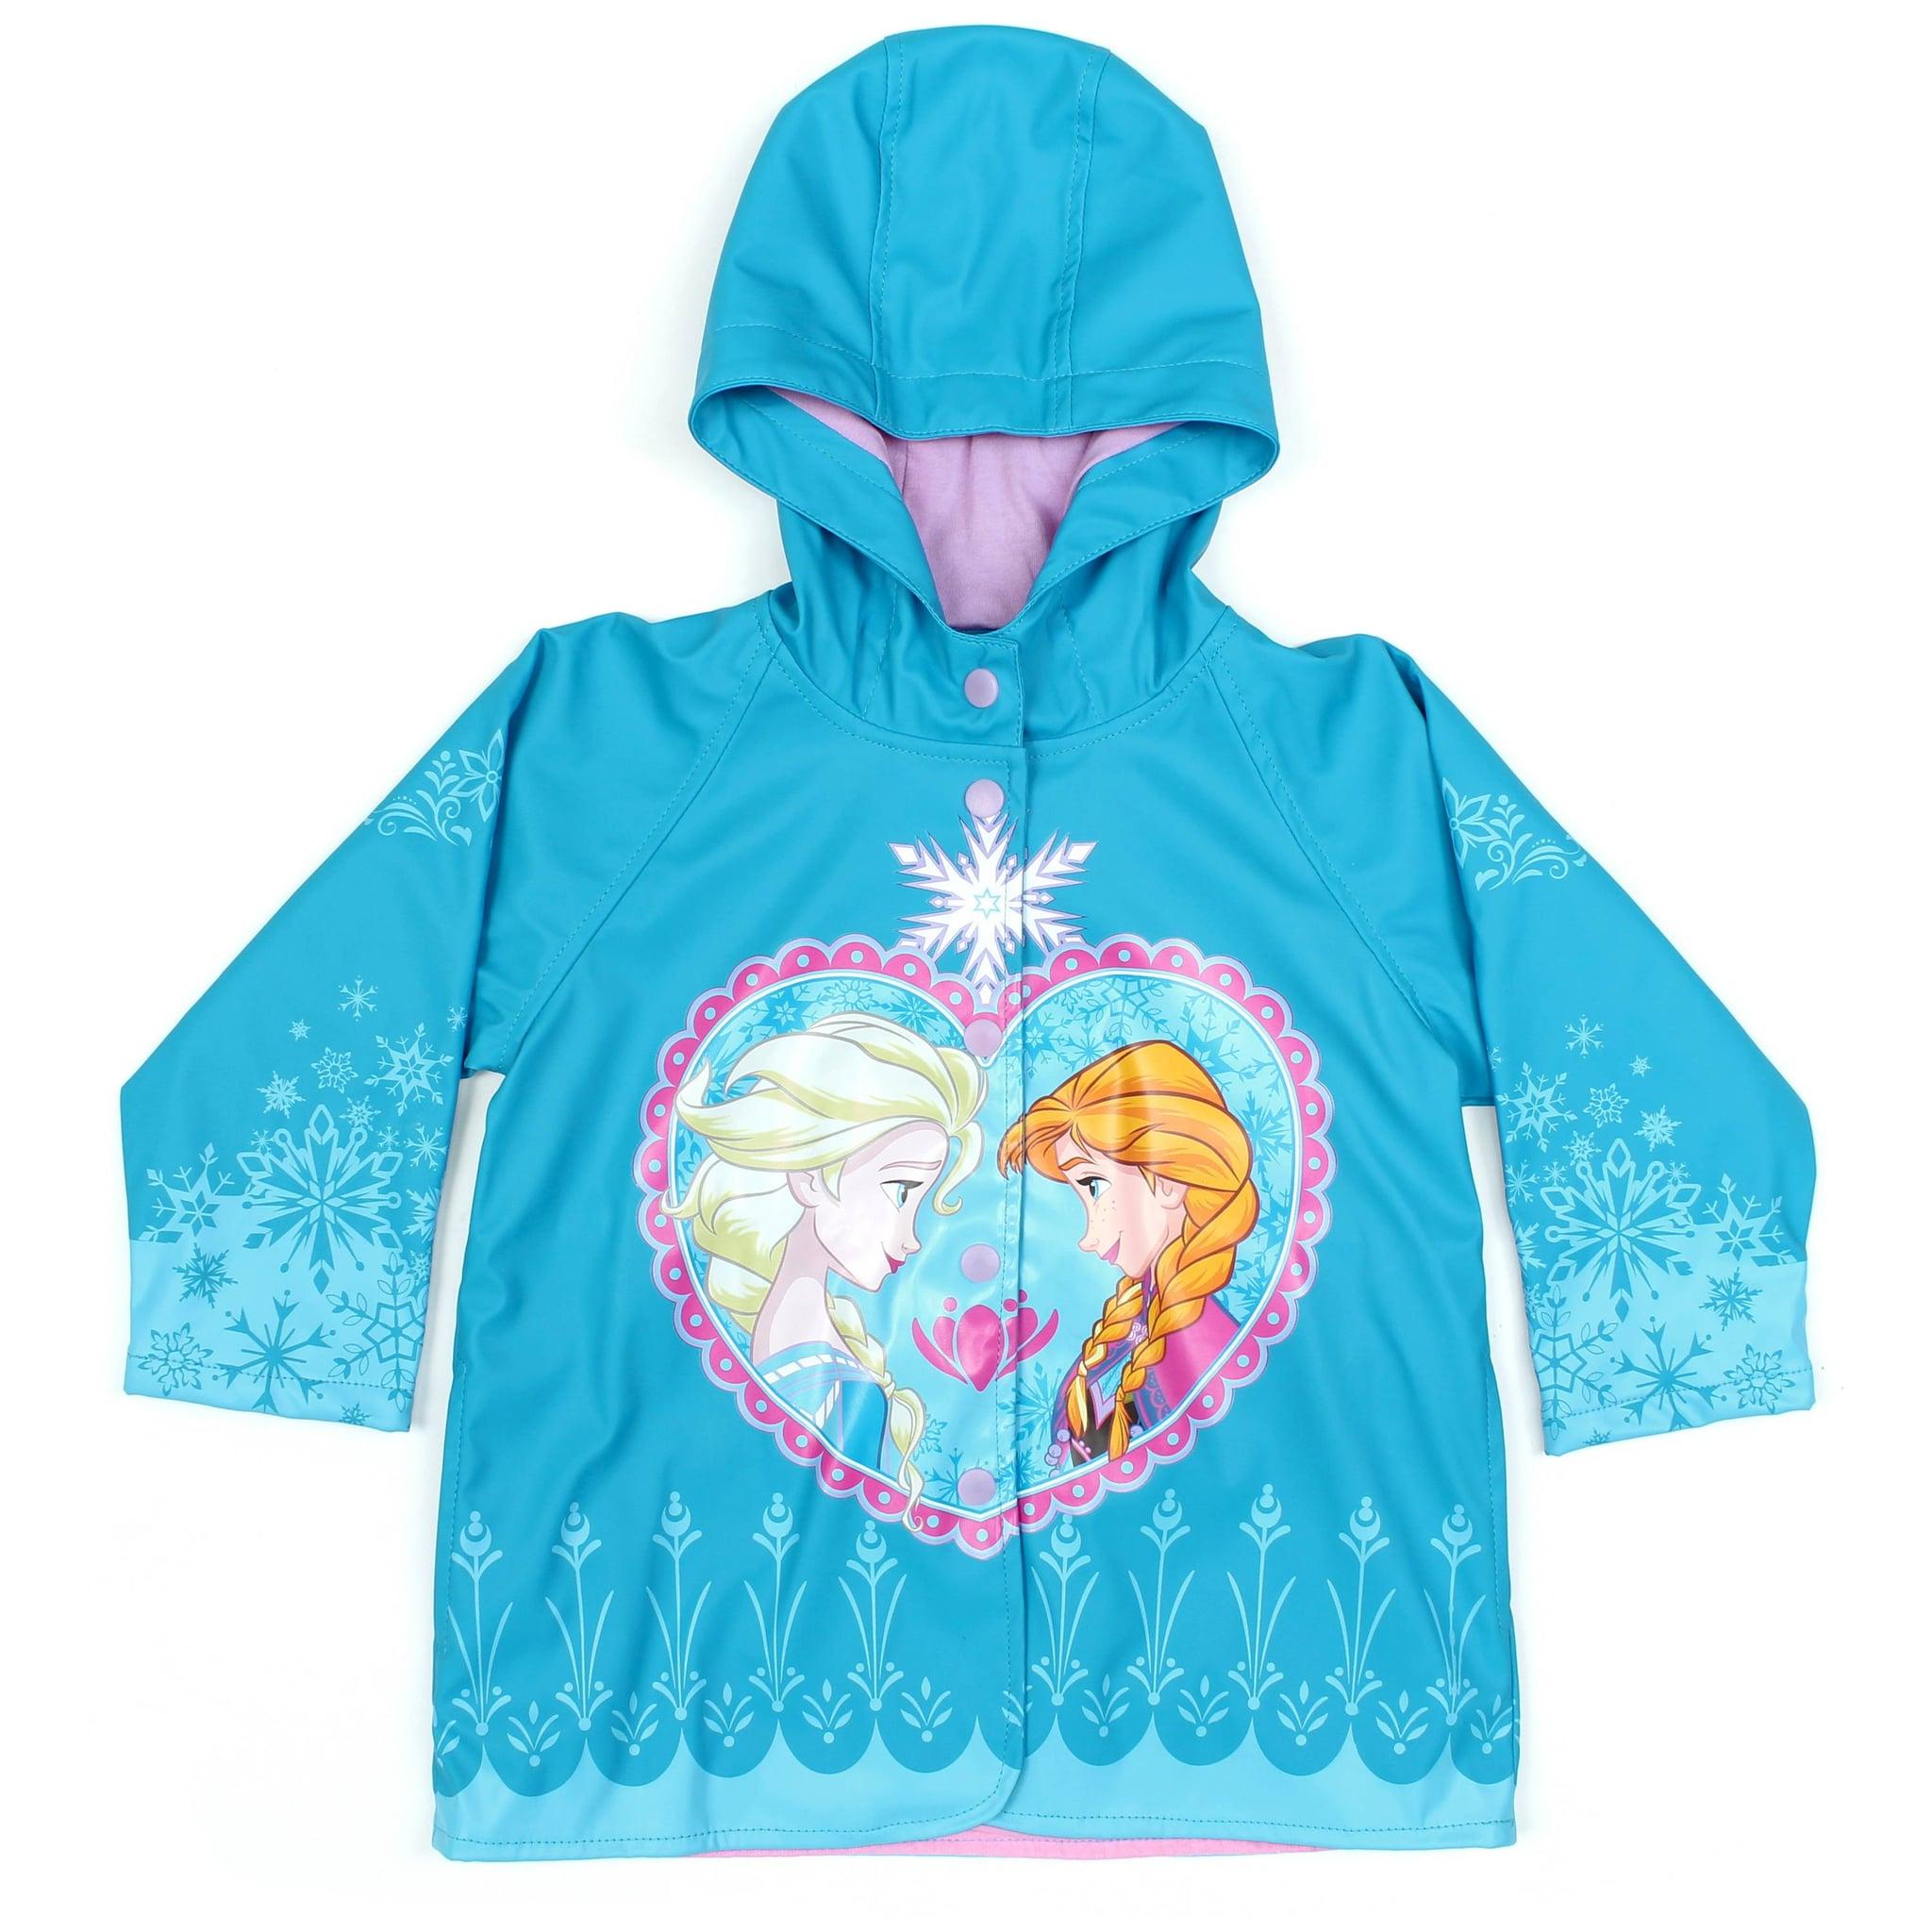 Schockemöhle Children Weather Jacket Wendy Albatross